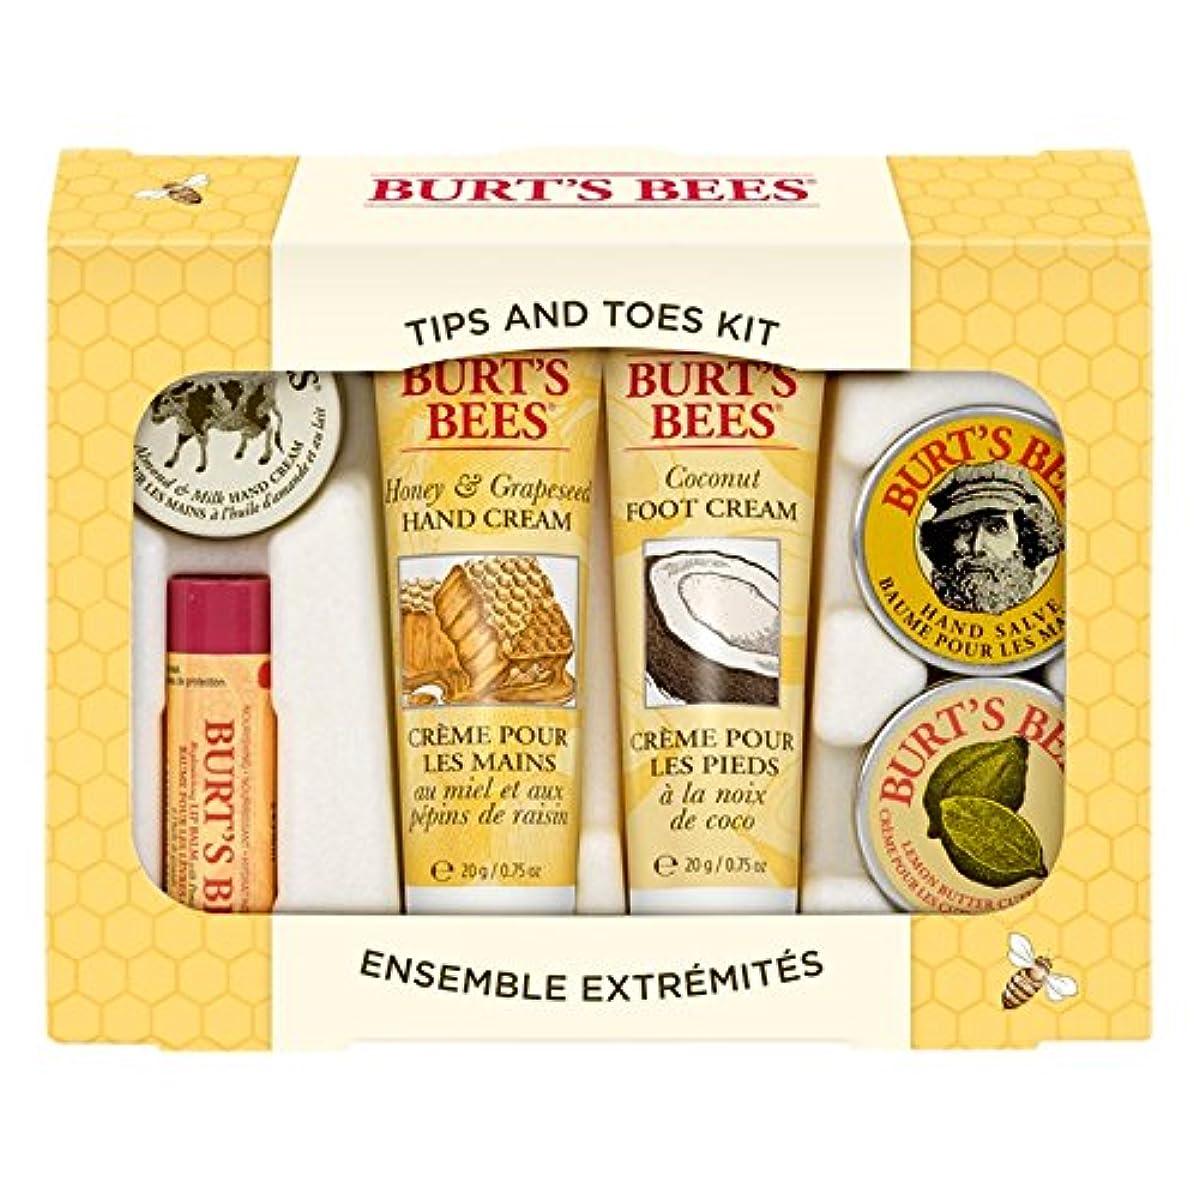 可塑性リブ良いバーツビーのヒントとつま先はスターターキットをスキンケア (Burt's Bees) - Burt's Bees Tips And Toes Skincare Starter Kit [並行輸入品]